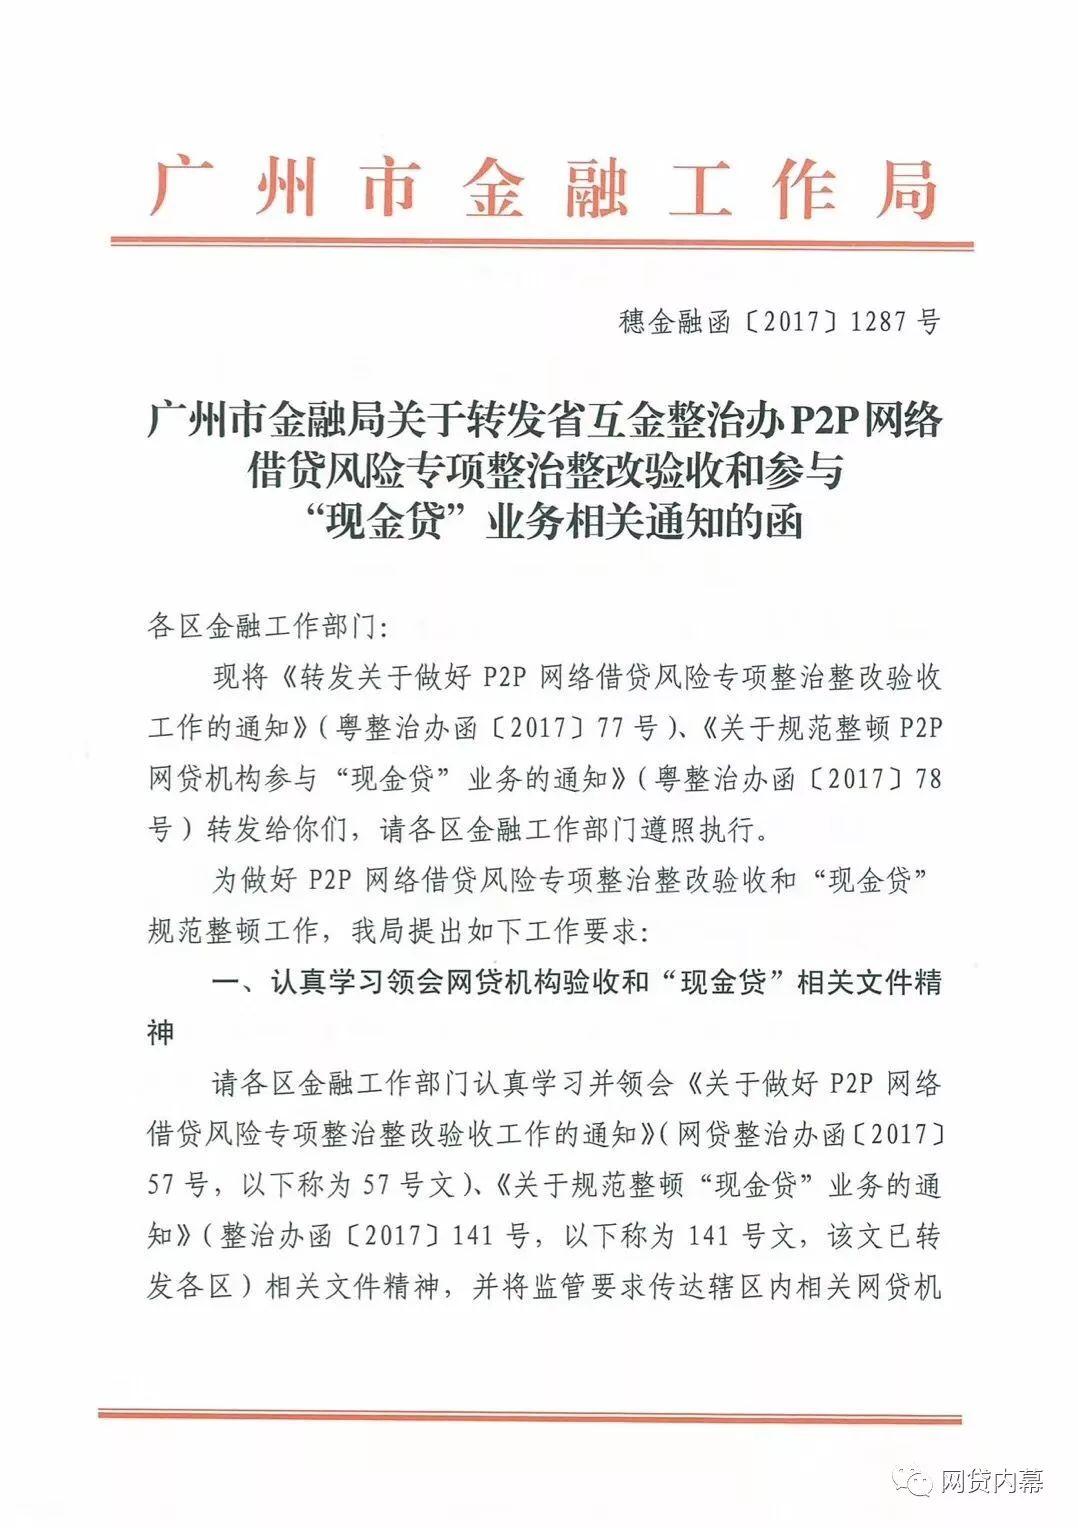 广州市金融局:网贷2018年2月末整改完毕